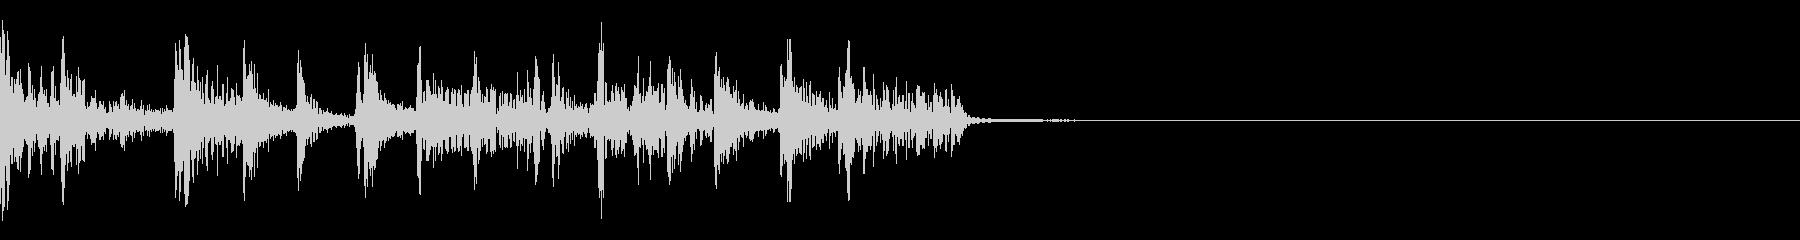 スラップベースが目立つ短めなジングルの未再生の波形